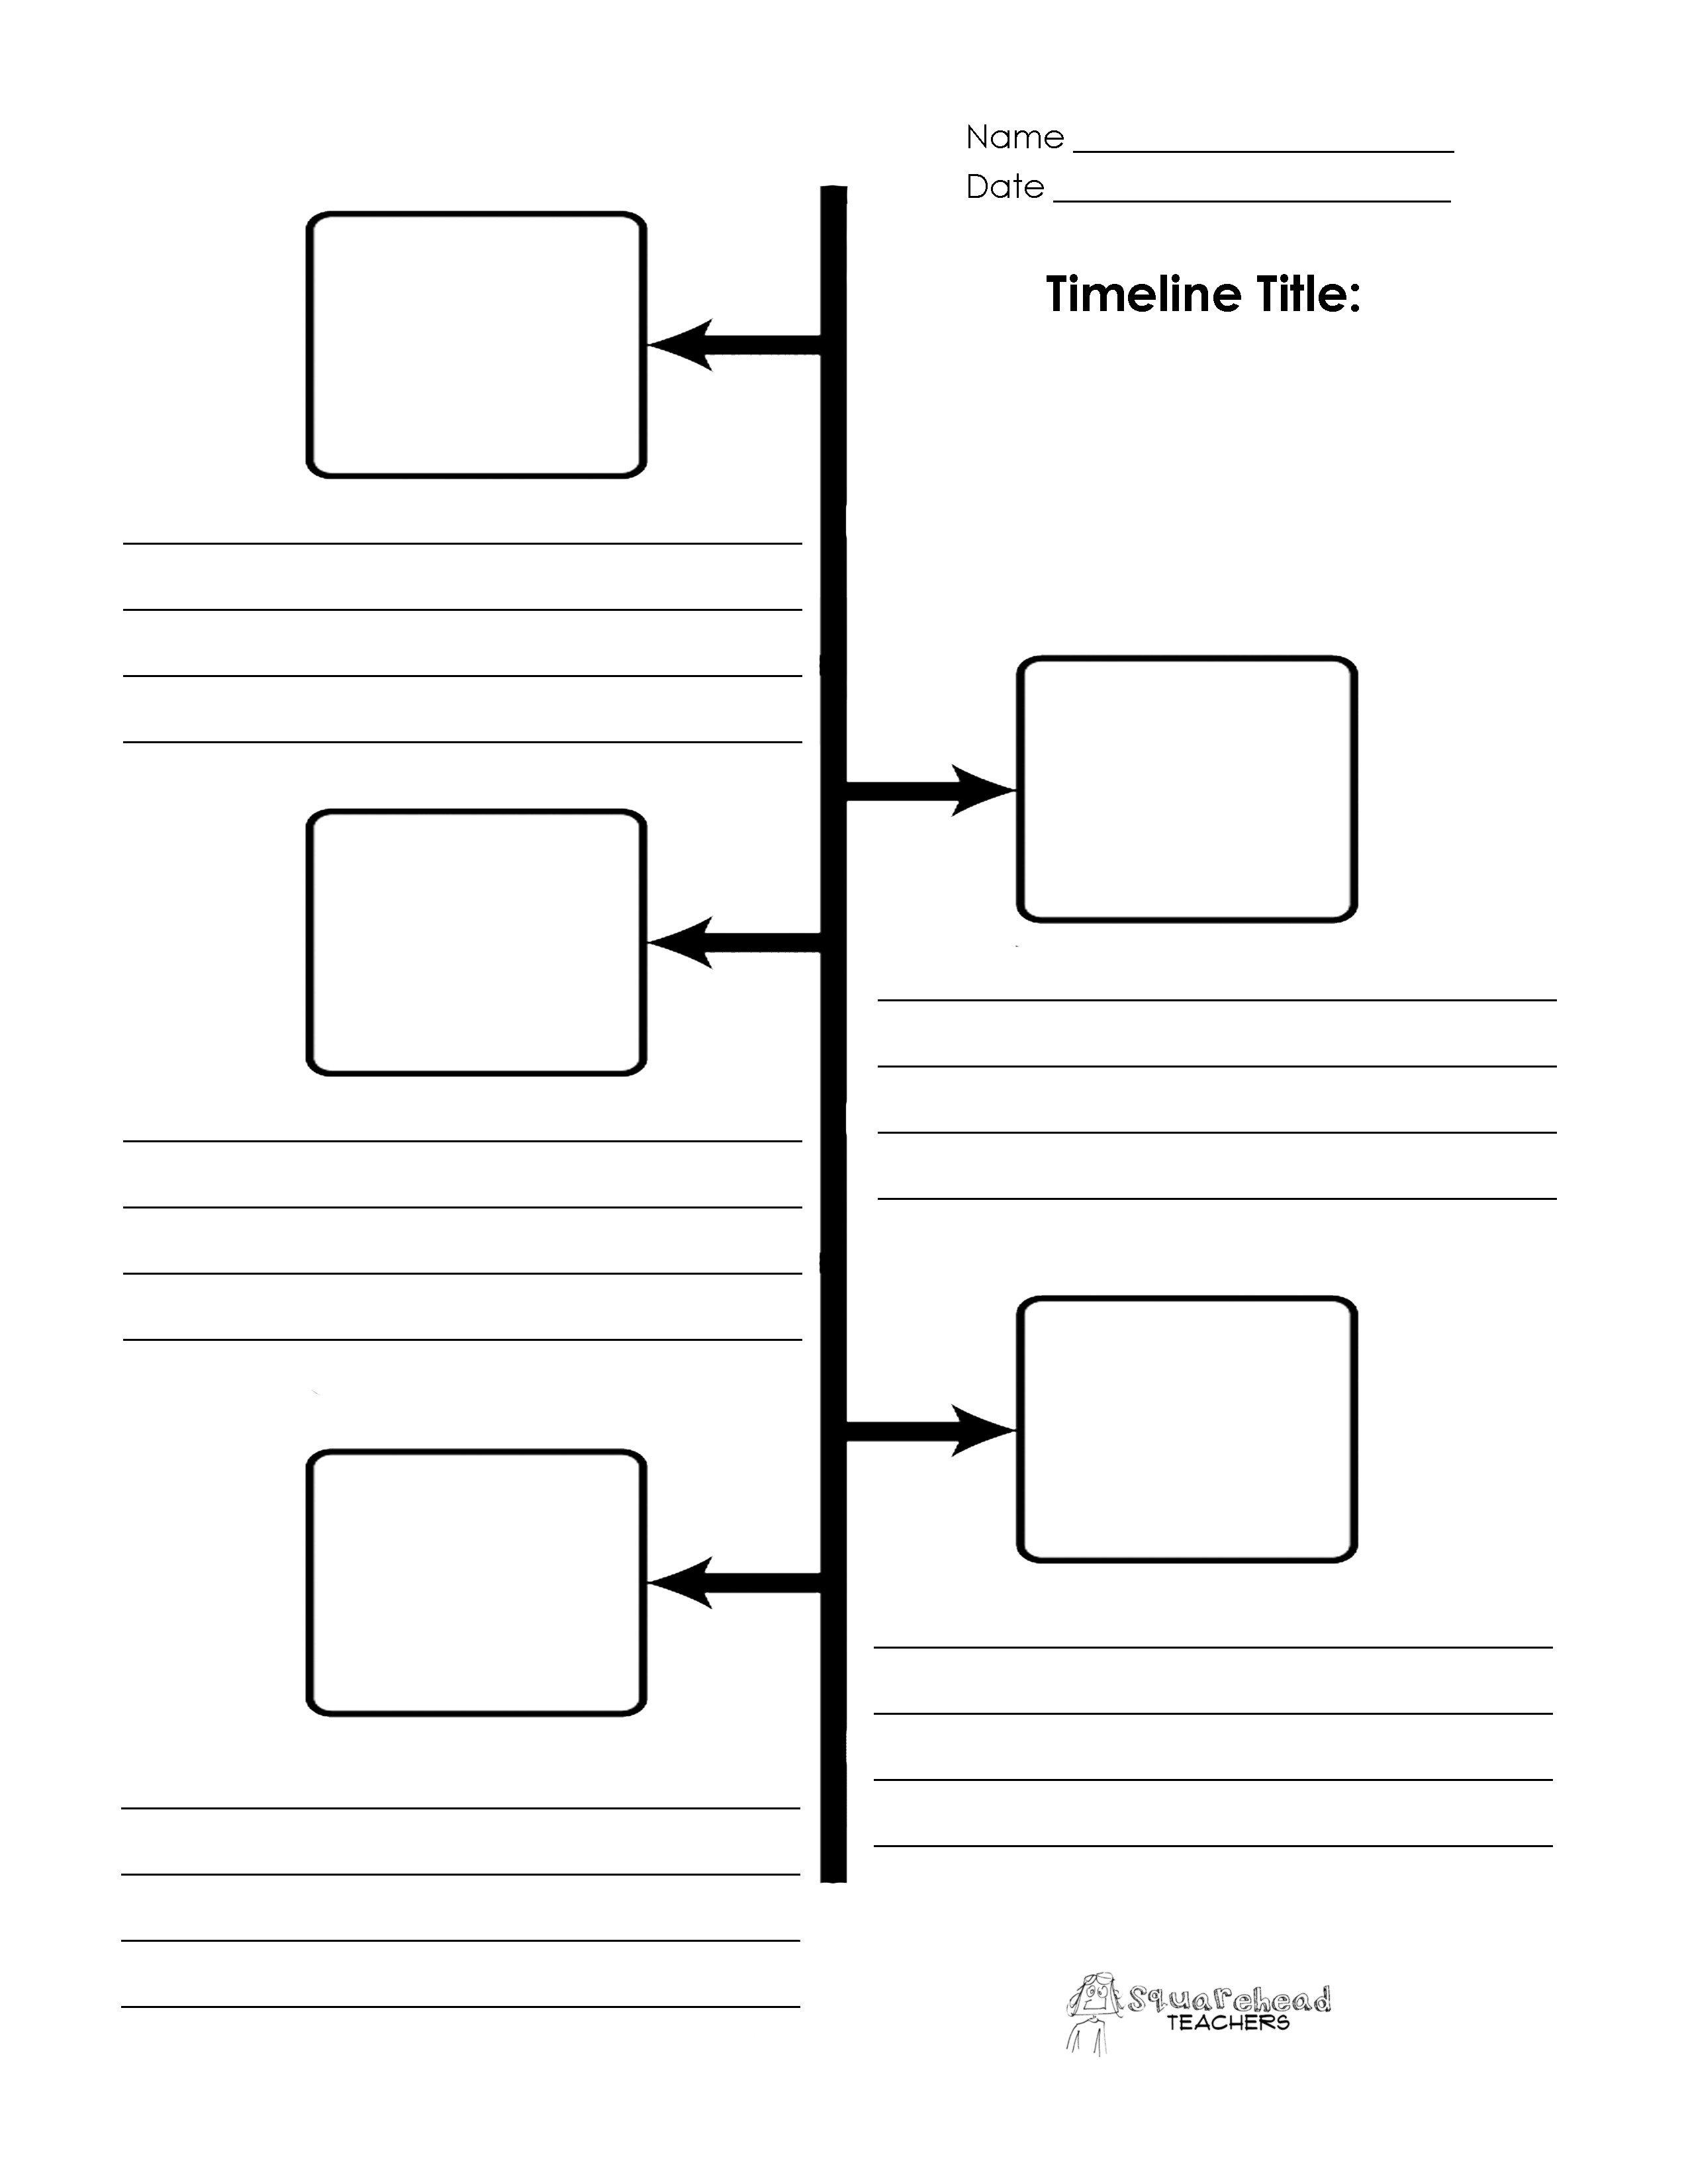 Timeline Templates for Kids Blank Timeline Printables